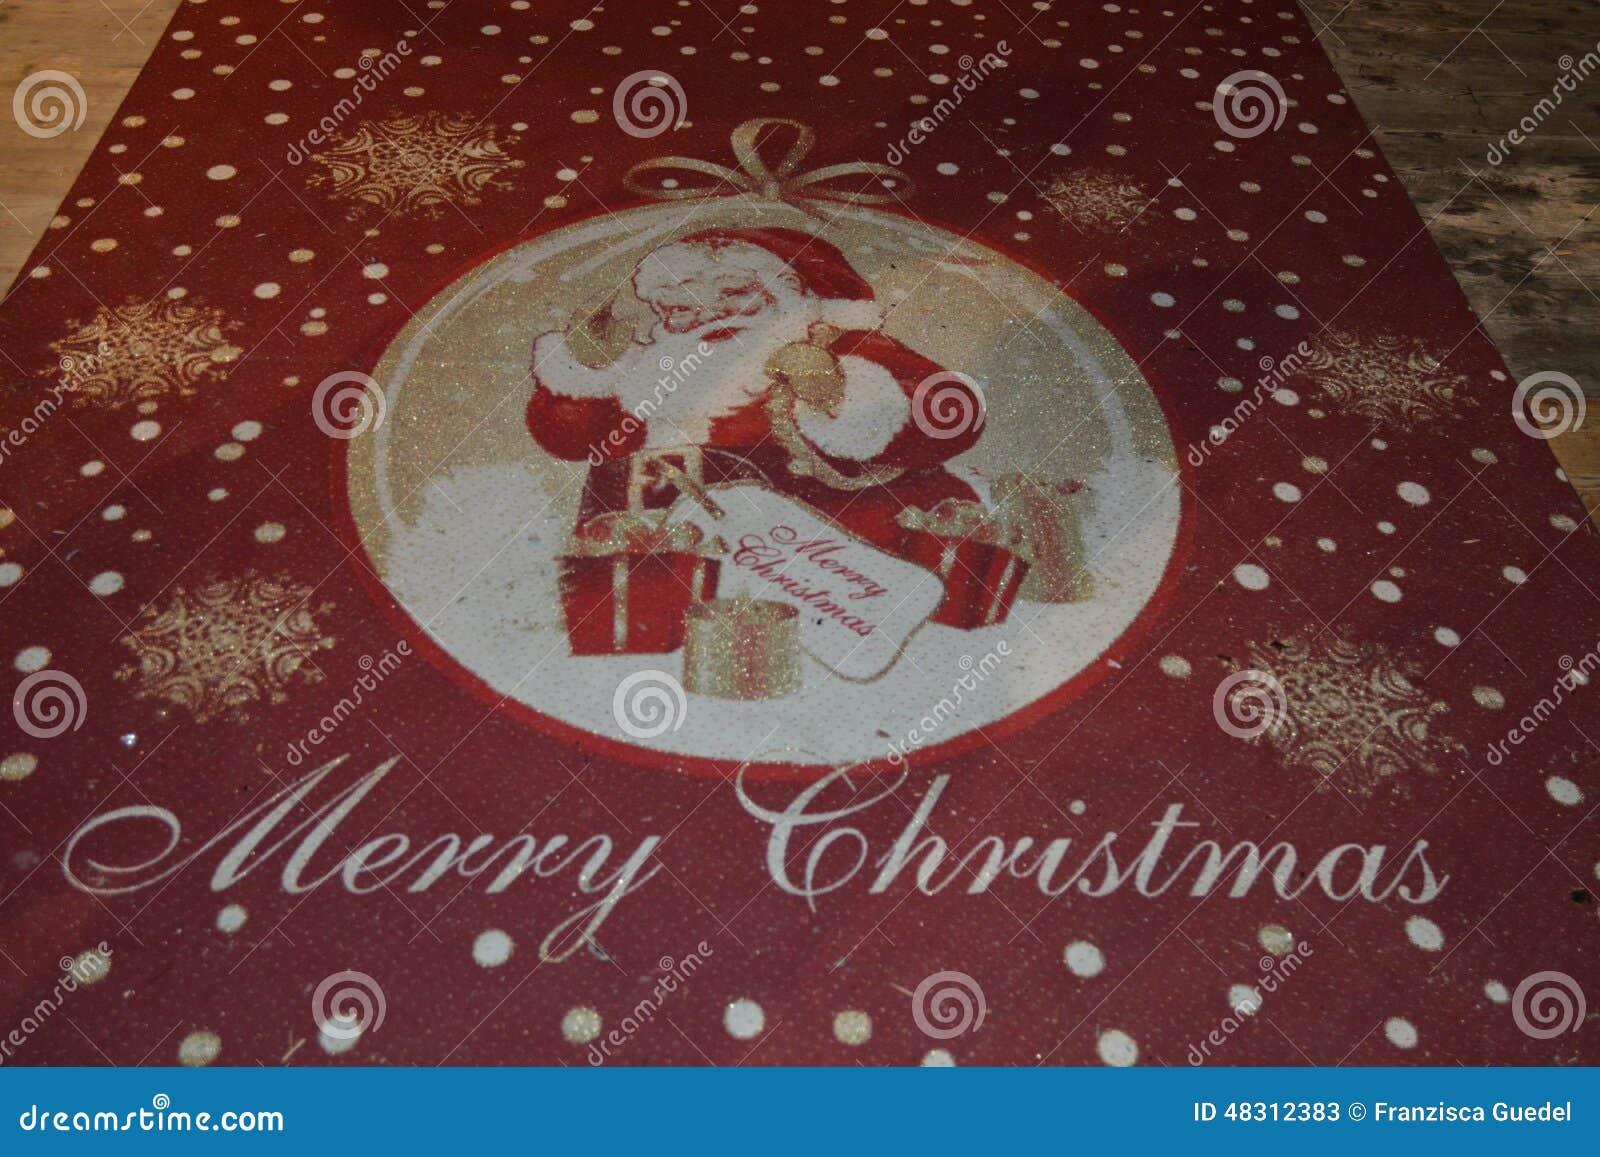 Roter Weihnachtsteppich Mit Weihnachtsmann Stockbild - Bild von ...